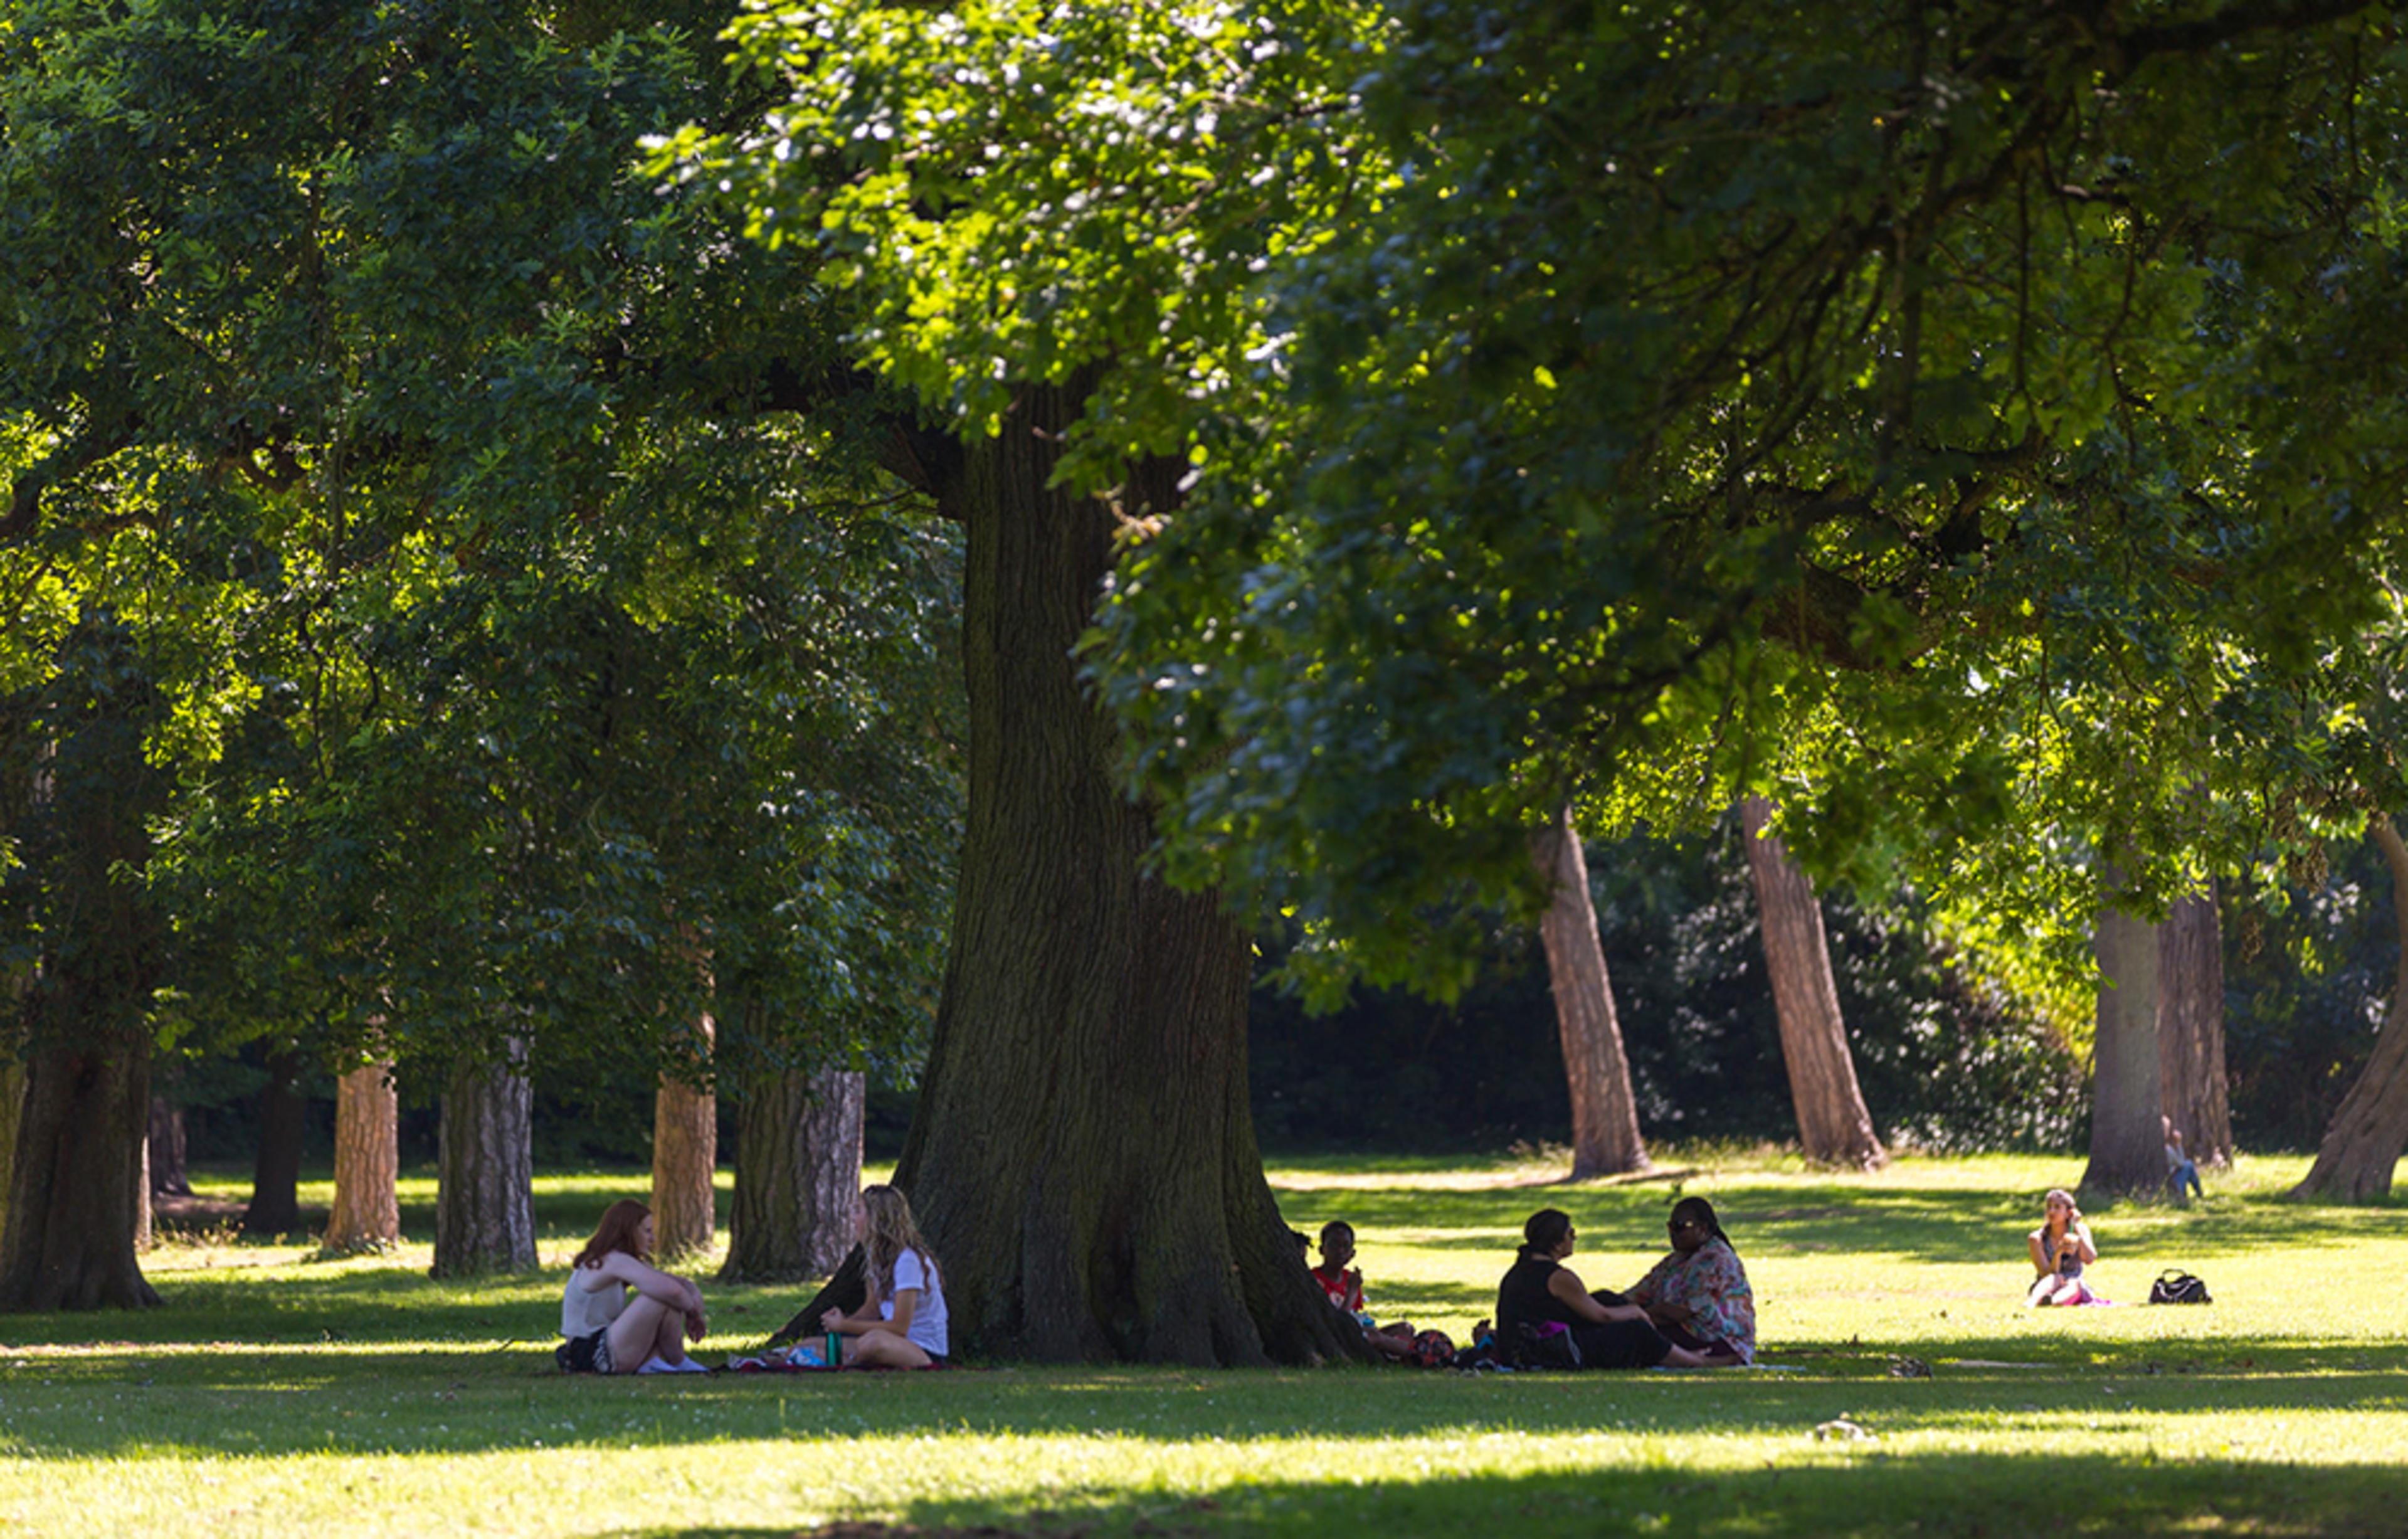 franklin-court-borehamwood-local-area-park